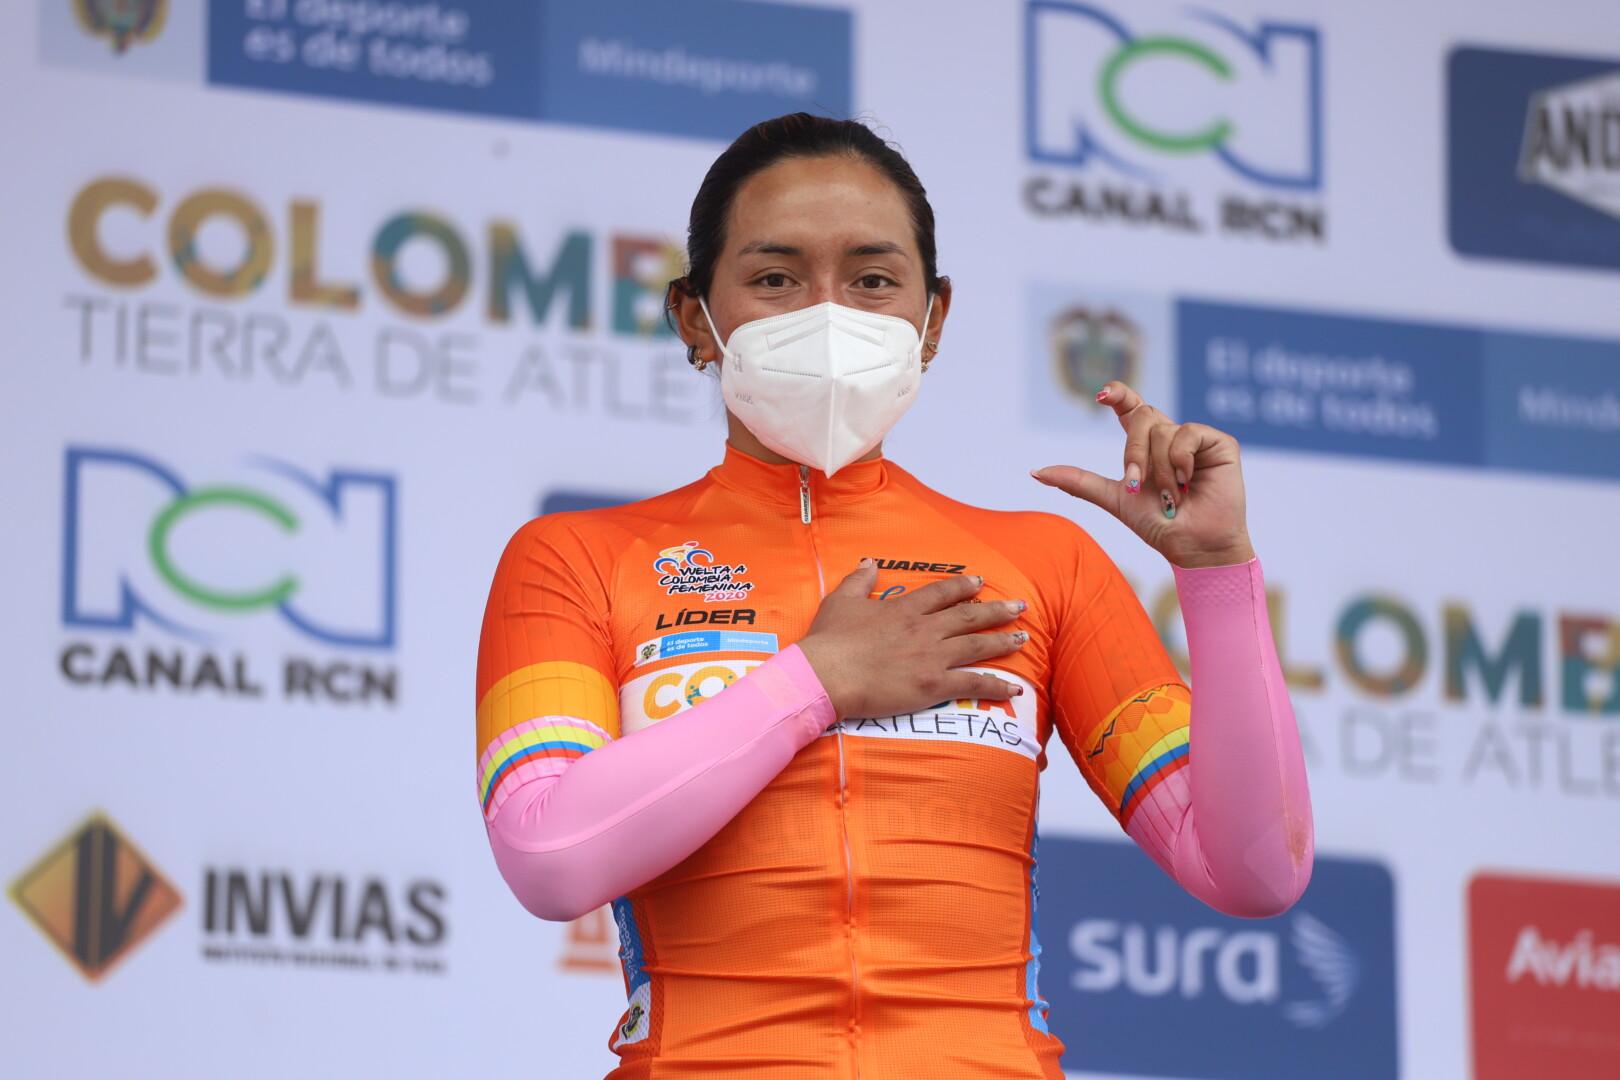 La ciclista del equipo Liro Sport lidera la general y este martes es la etapa final de la competencia